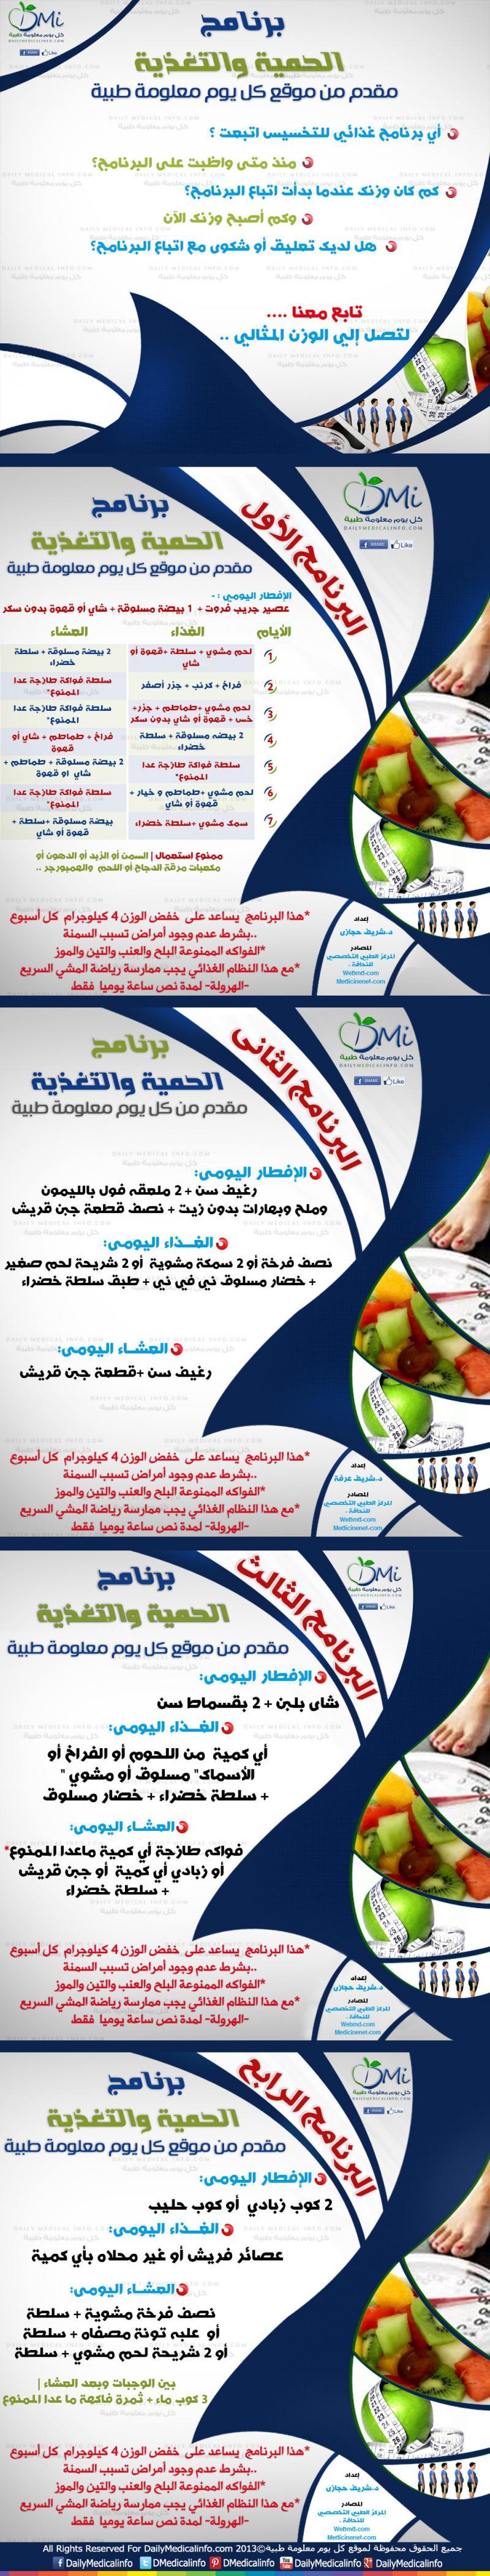 #انفوجرافيك برنامج الحمية والتغذية للوصول إلى الوزن المثالي